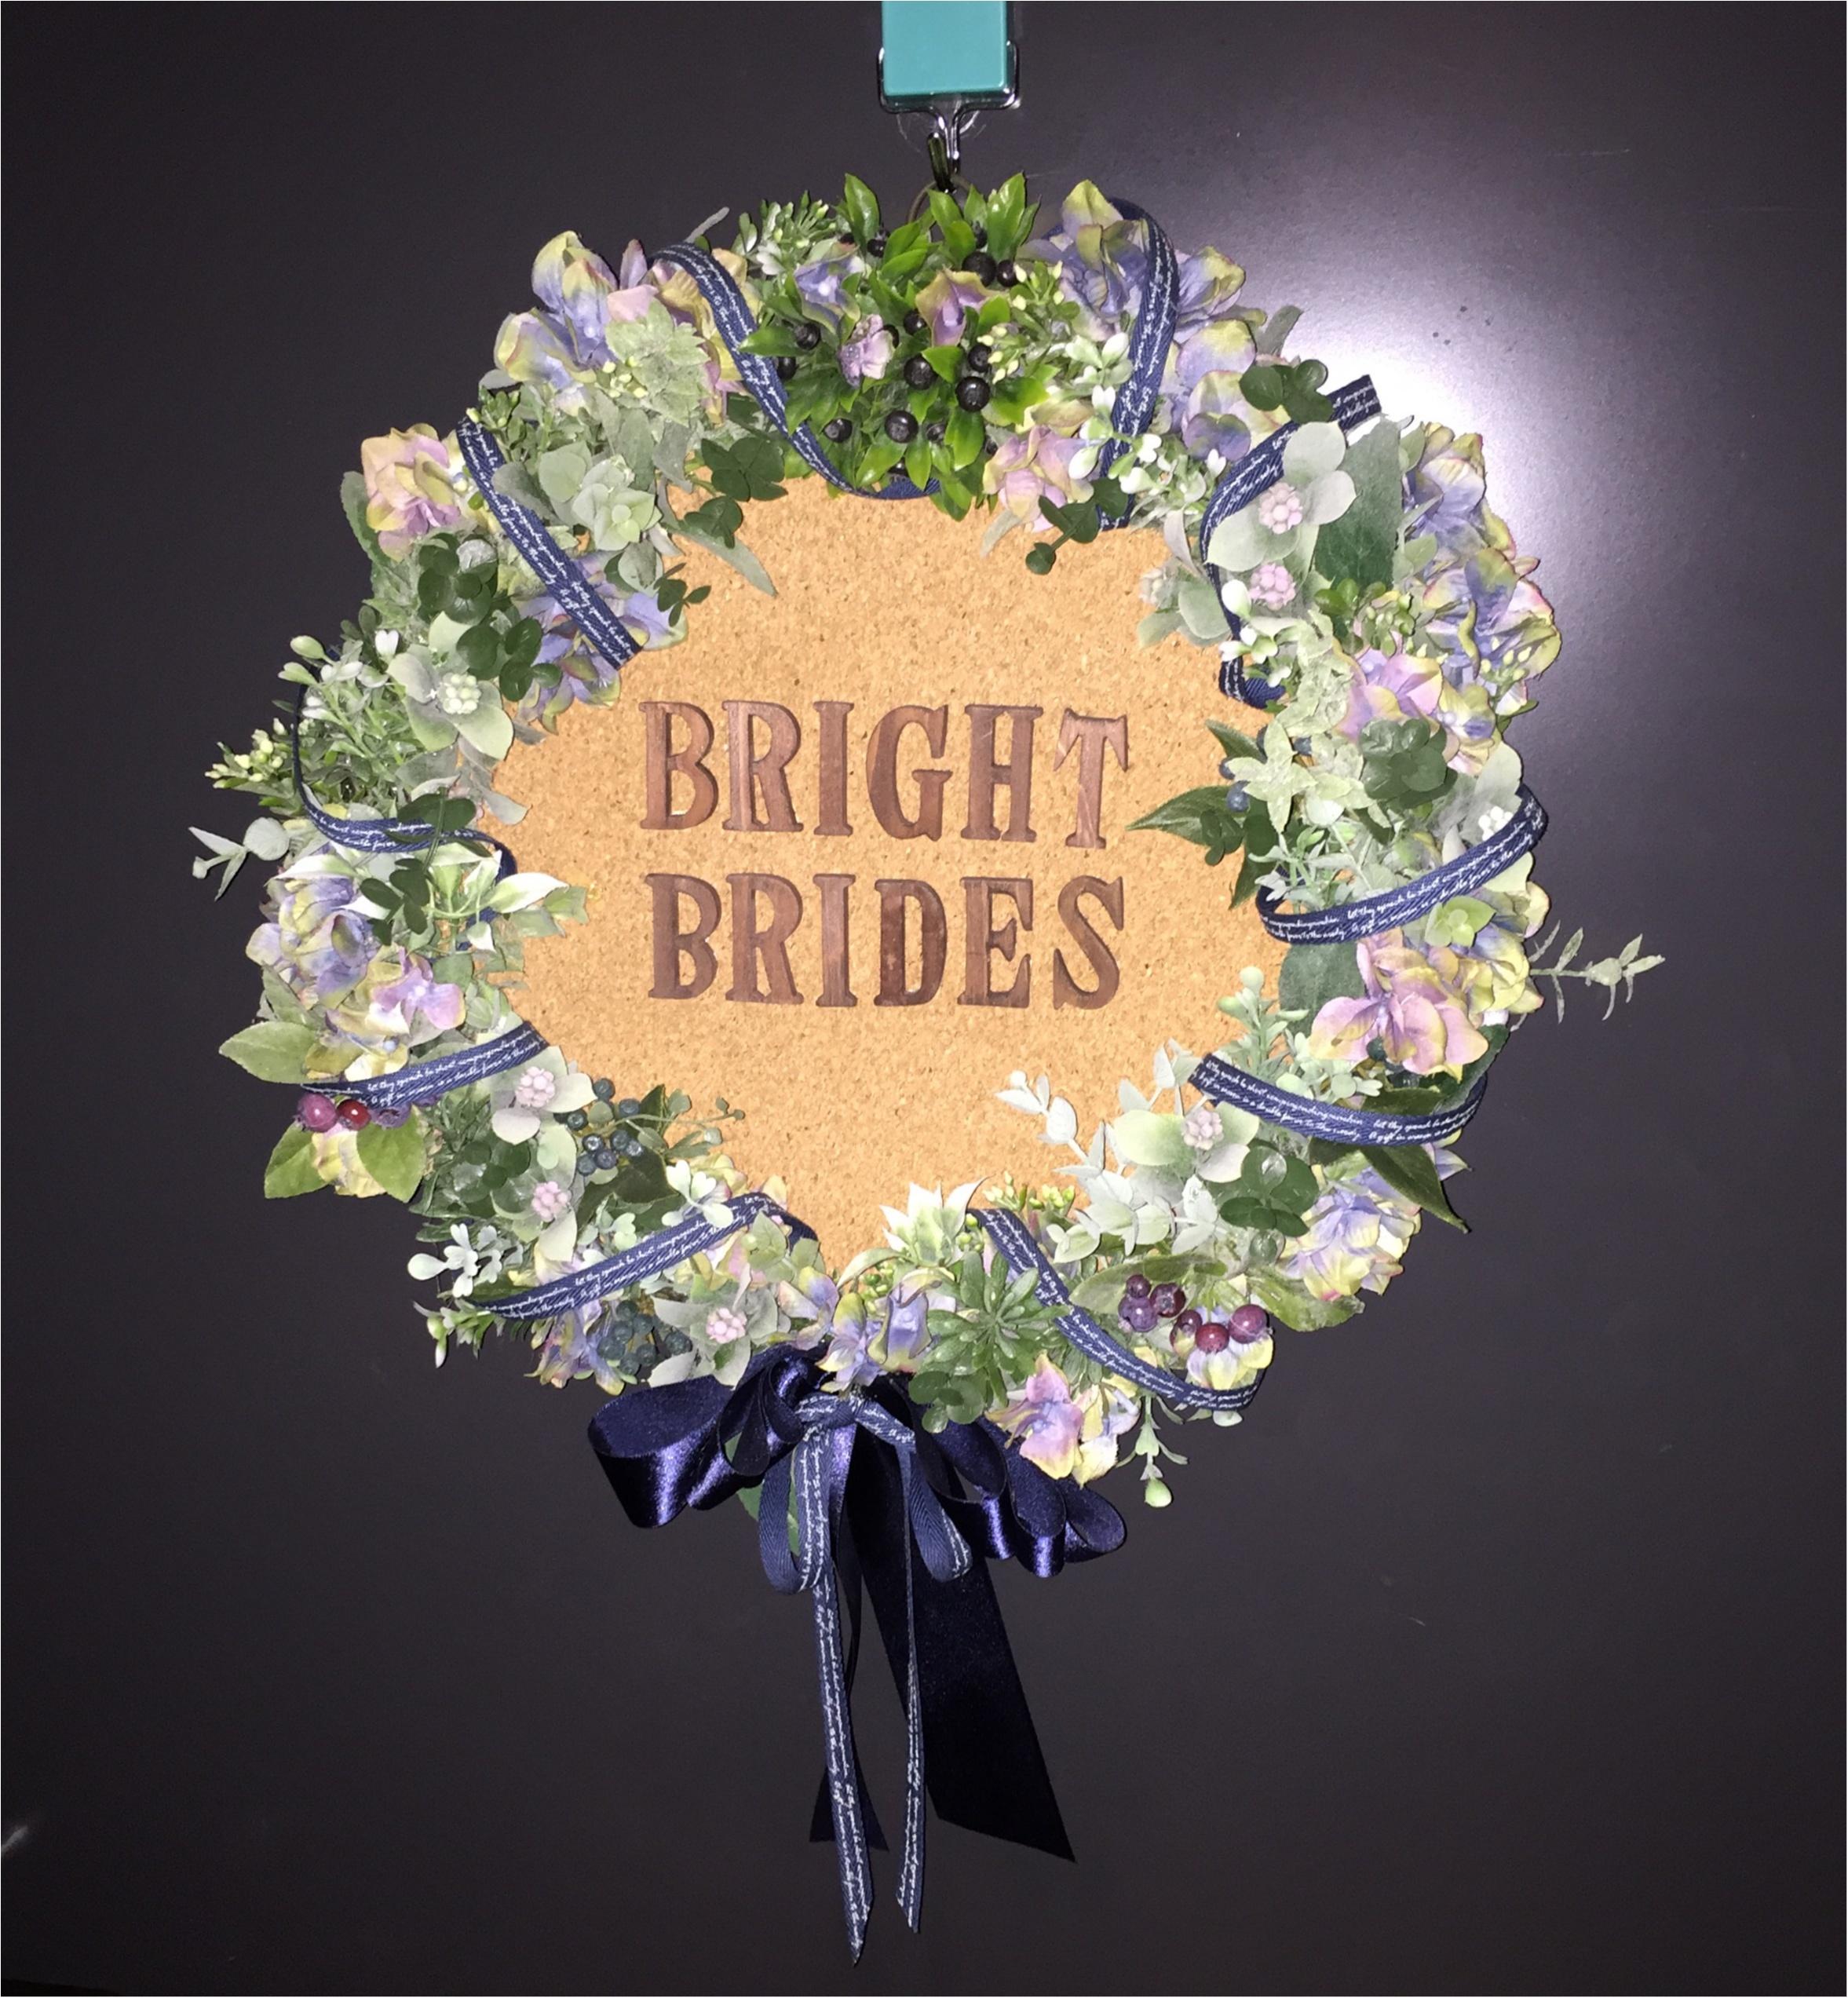 プレ花嫁さんの美容特集 - セルフ美容やブライダルエステなど、特別な日のスペシャルケアまとめ_9